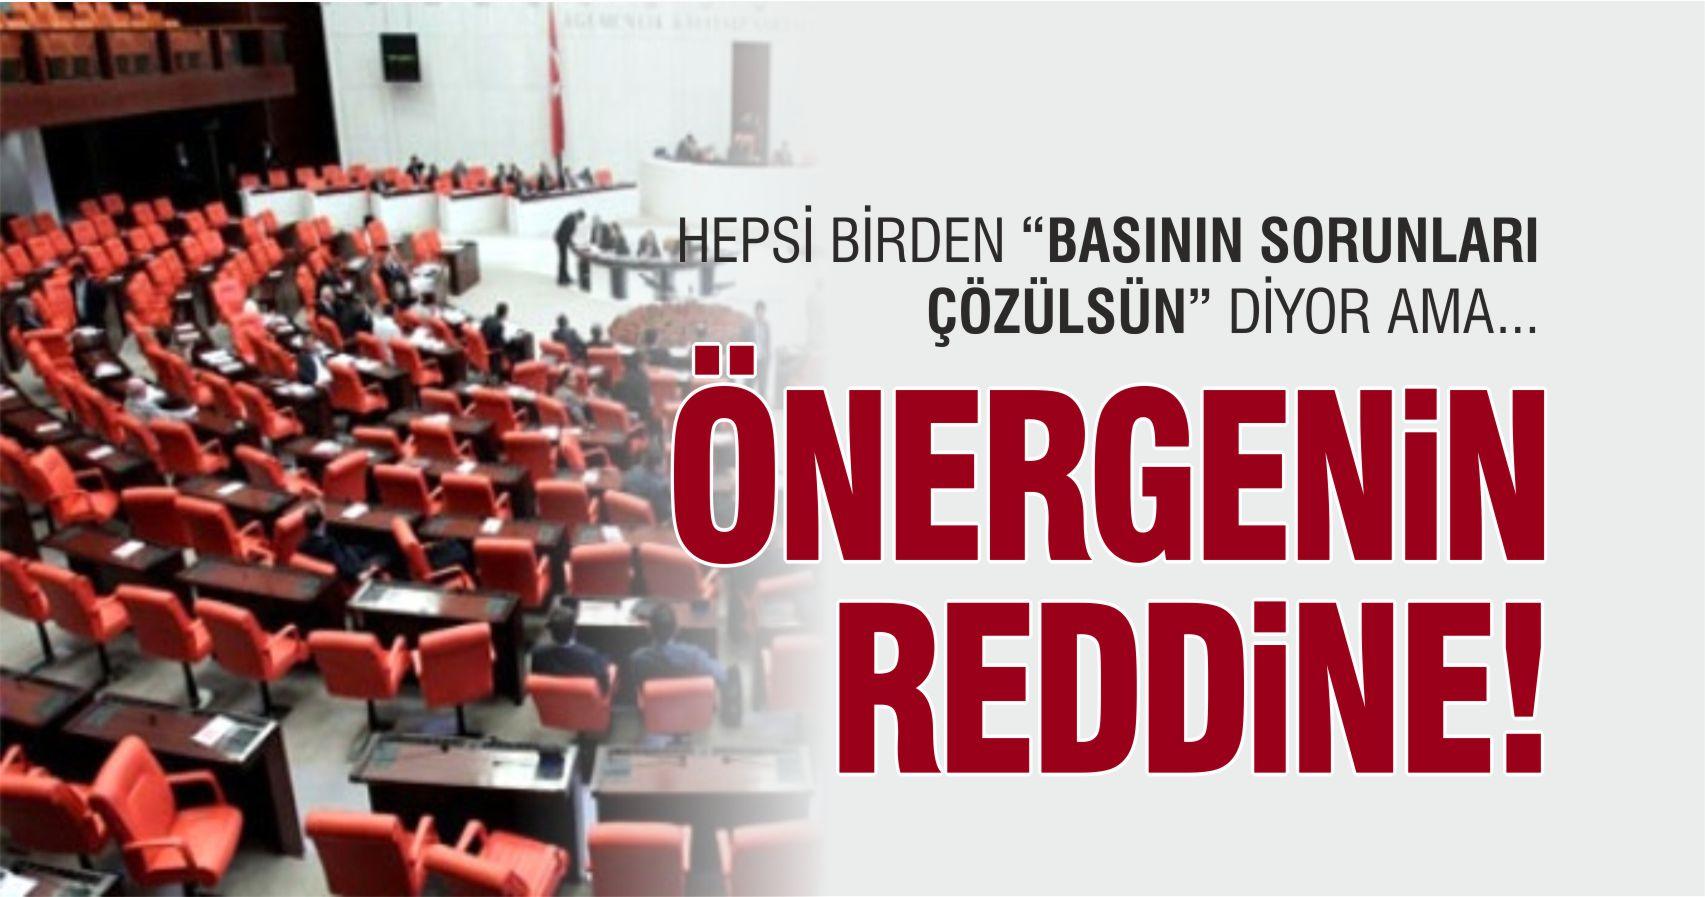 BASININ SORUNLARIYLA İLGİLİ ARAŞTIRMA ÖNERGESİ REDDEDİLDİ!